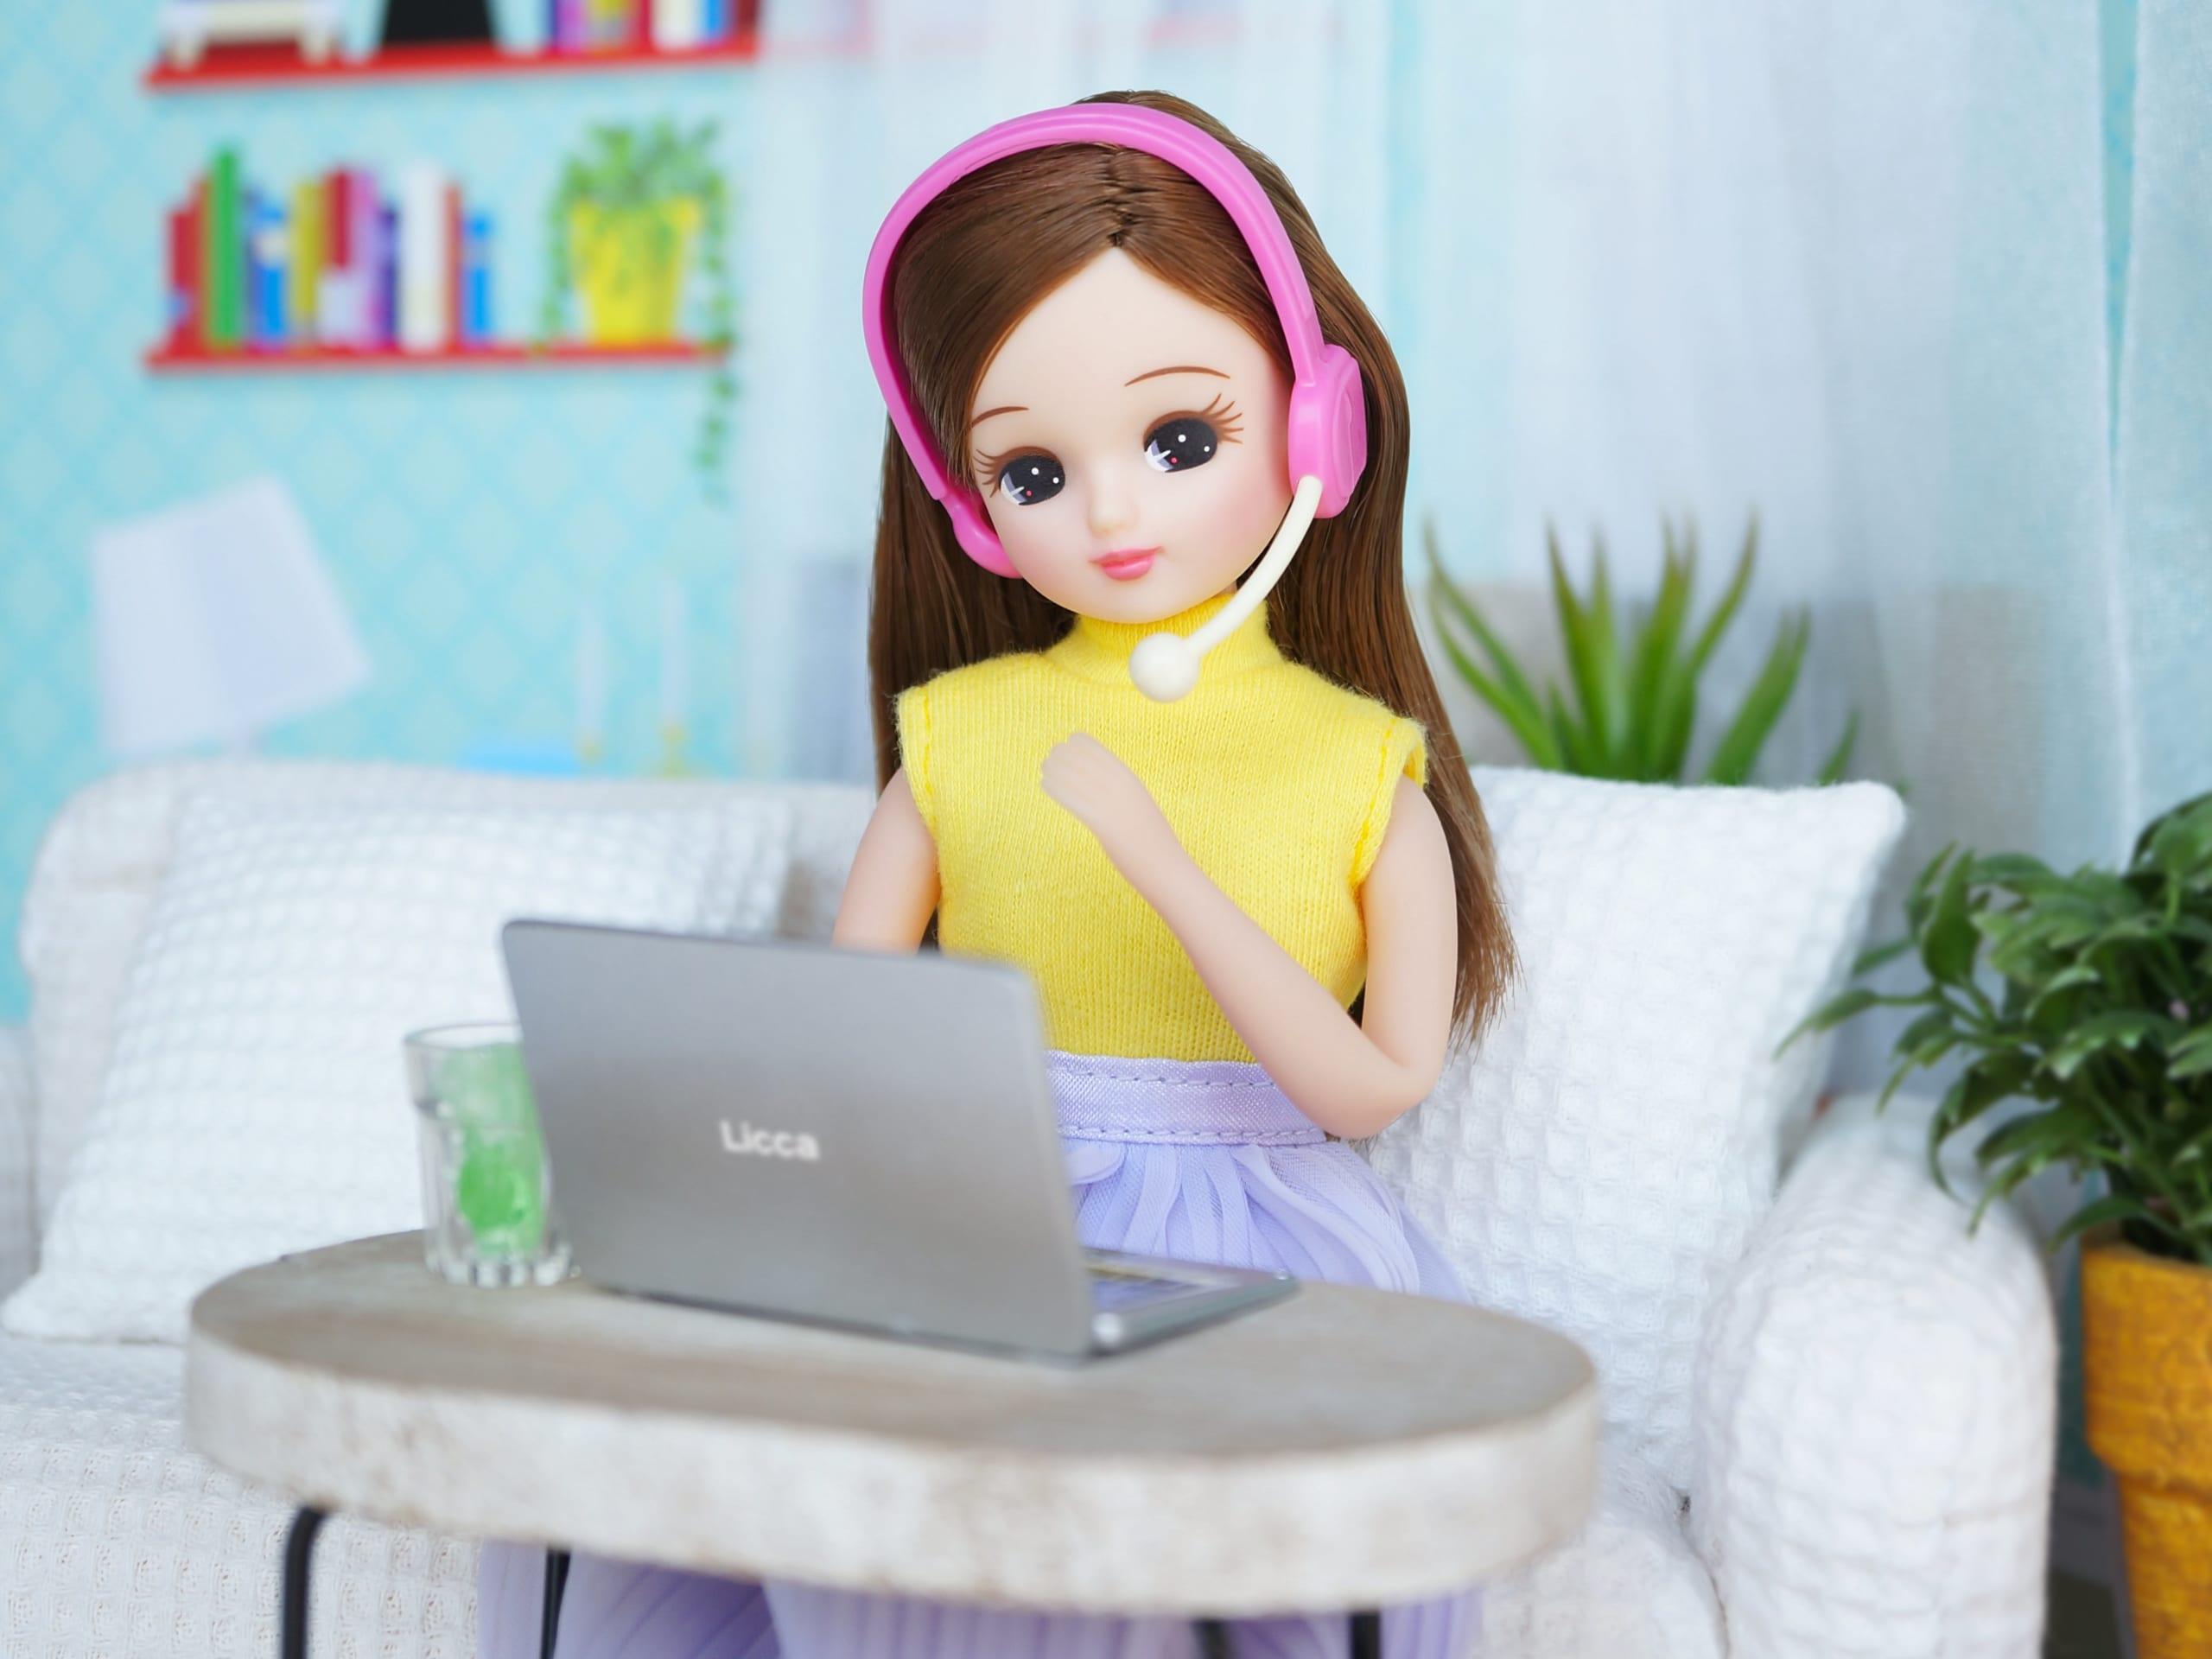 リカちゃん公式YouTube開設!モーニングルーティンや夏のお悩み相談室開催